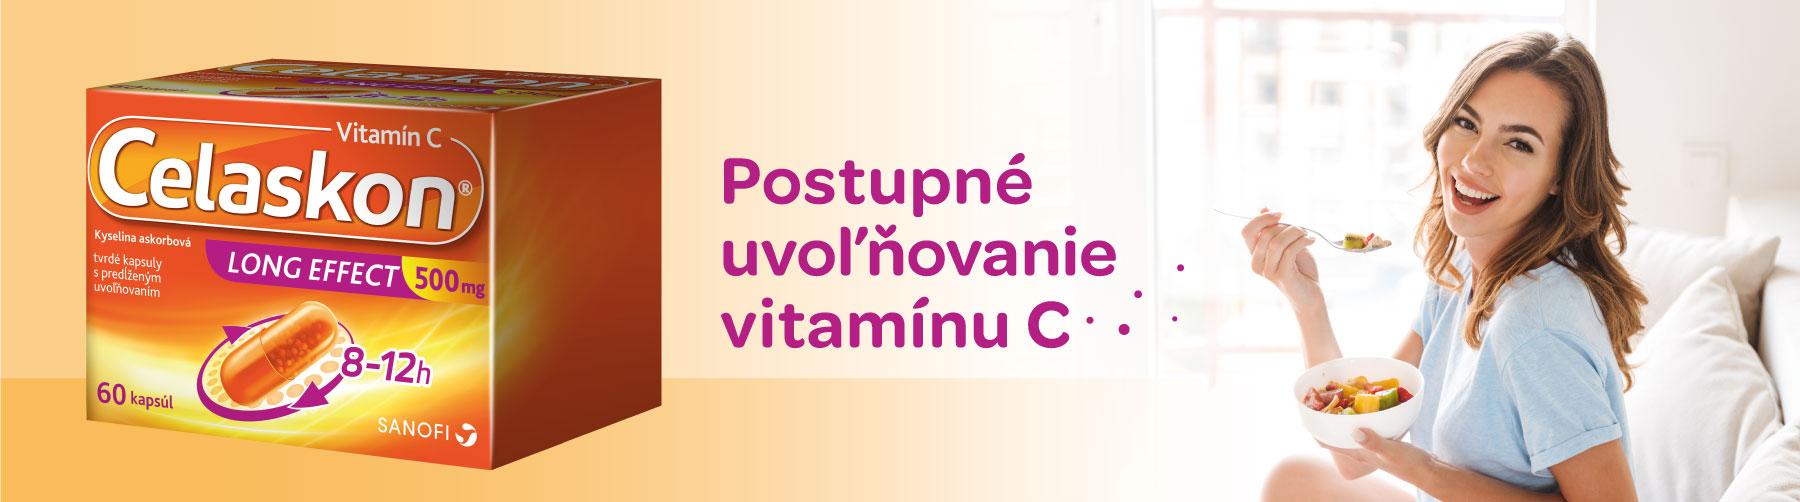 Celaskon 60 tobolek, vitamín s postupným uvolňováním